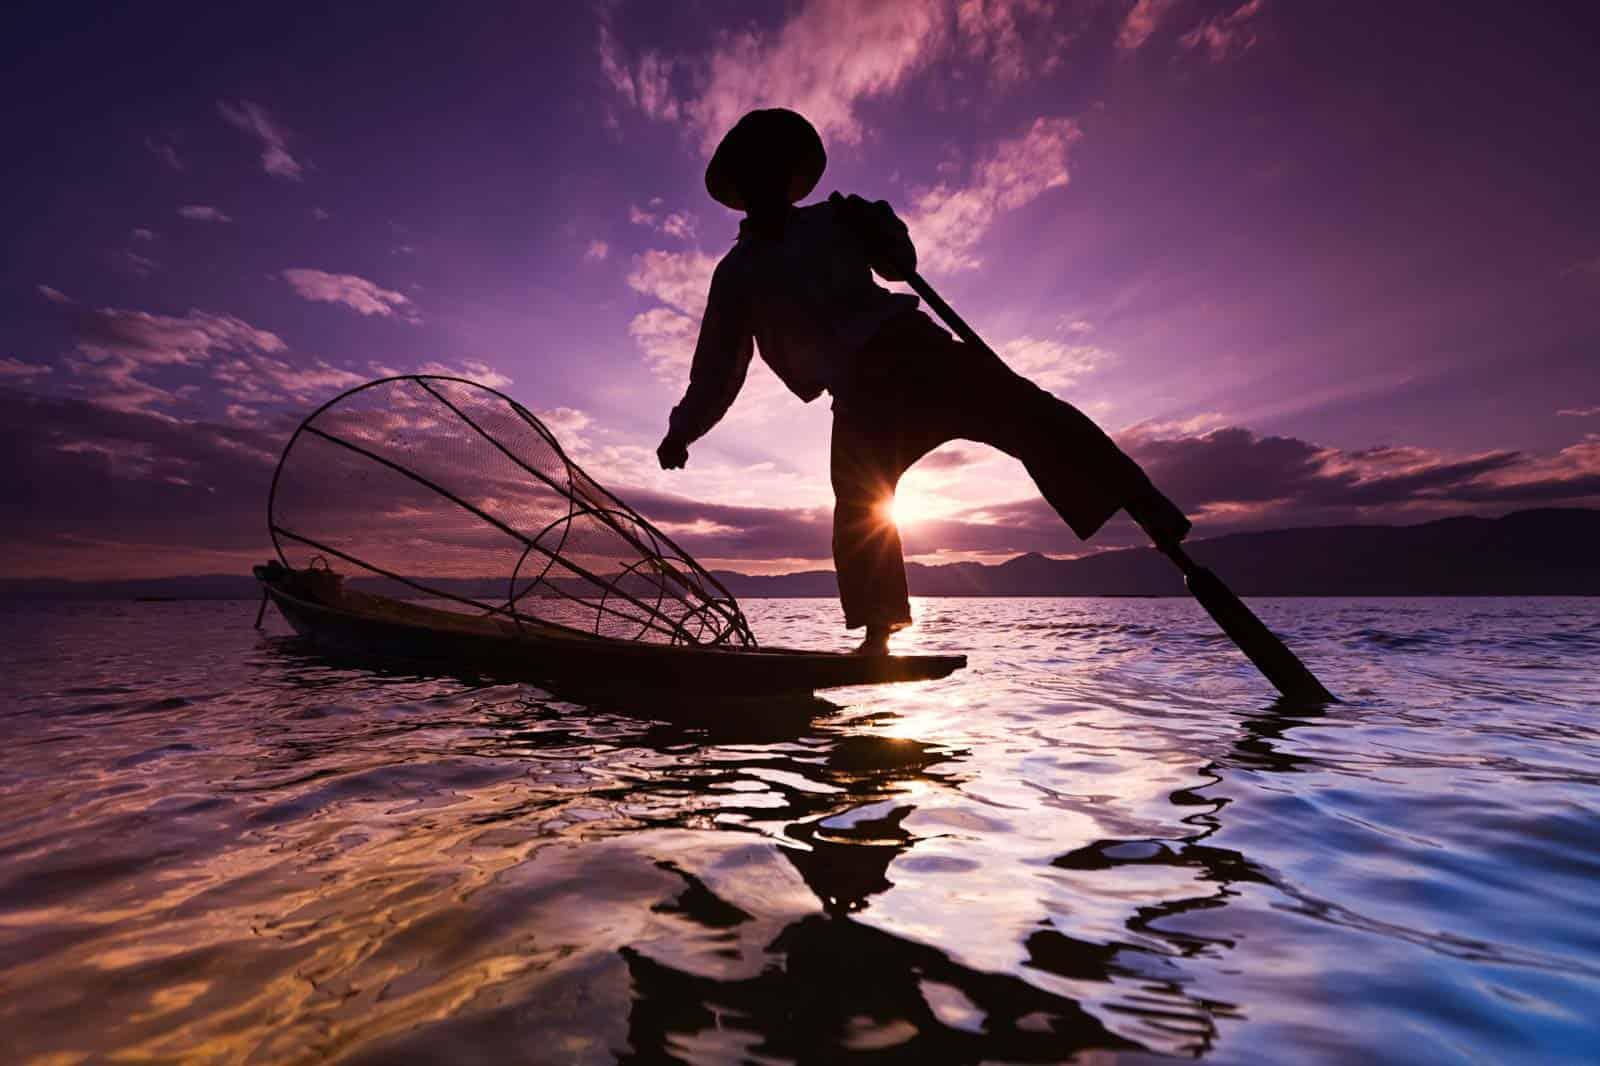 Pescador no lago Inle, Myanmar (Birmânia)